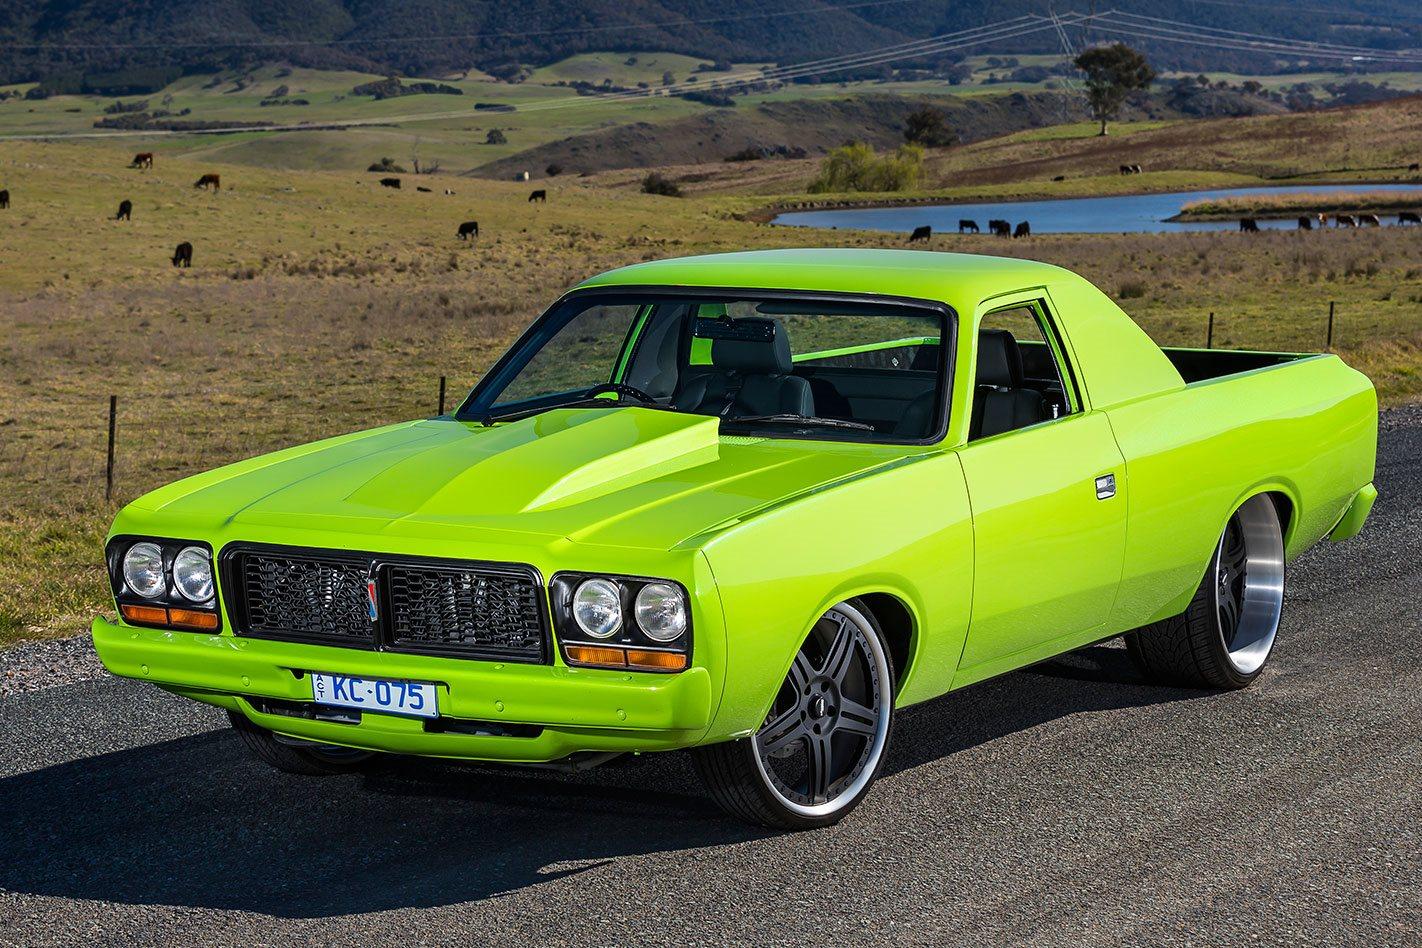 Viper V10 Powered 1977 Chrysler Cl Valiant Ute Street